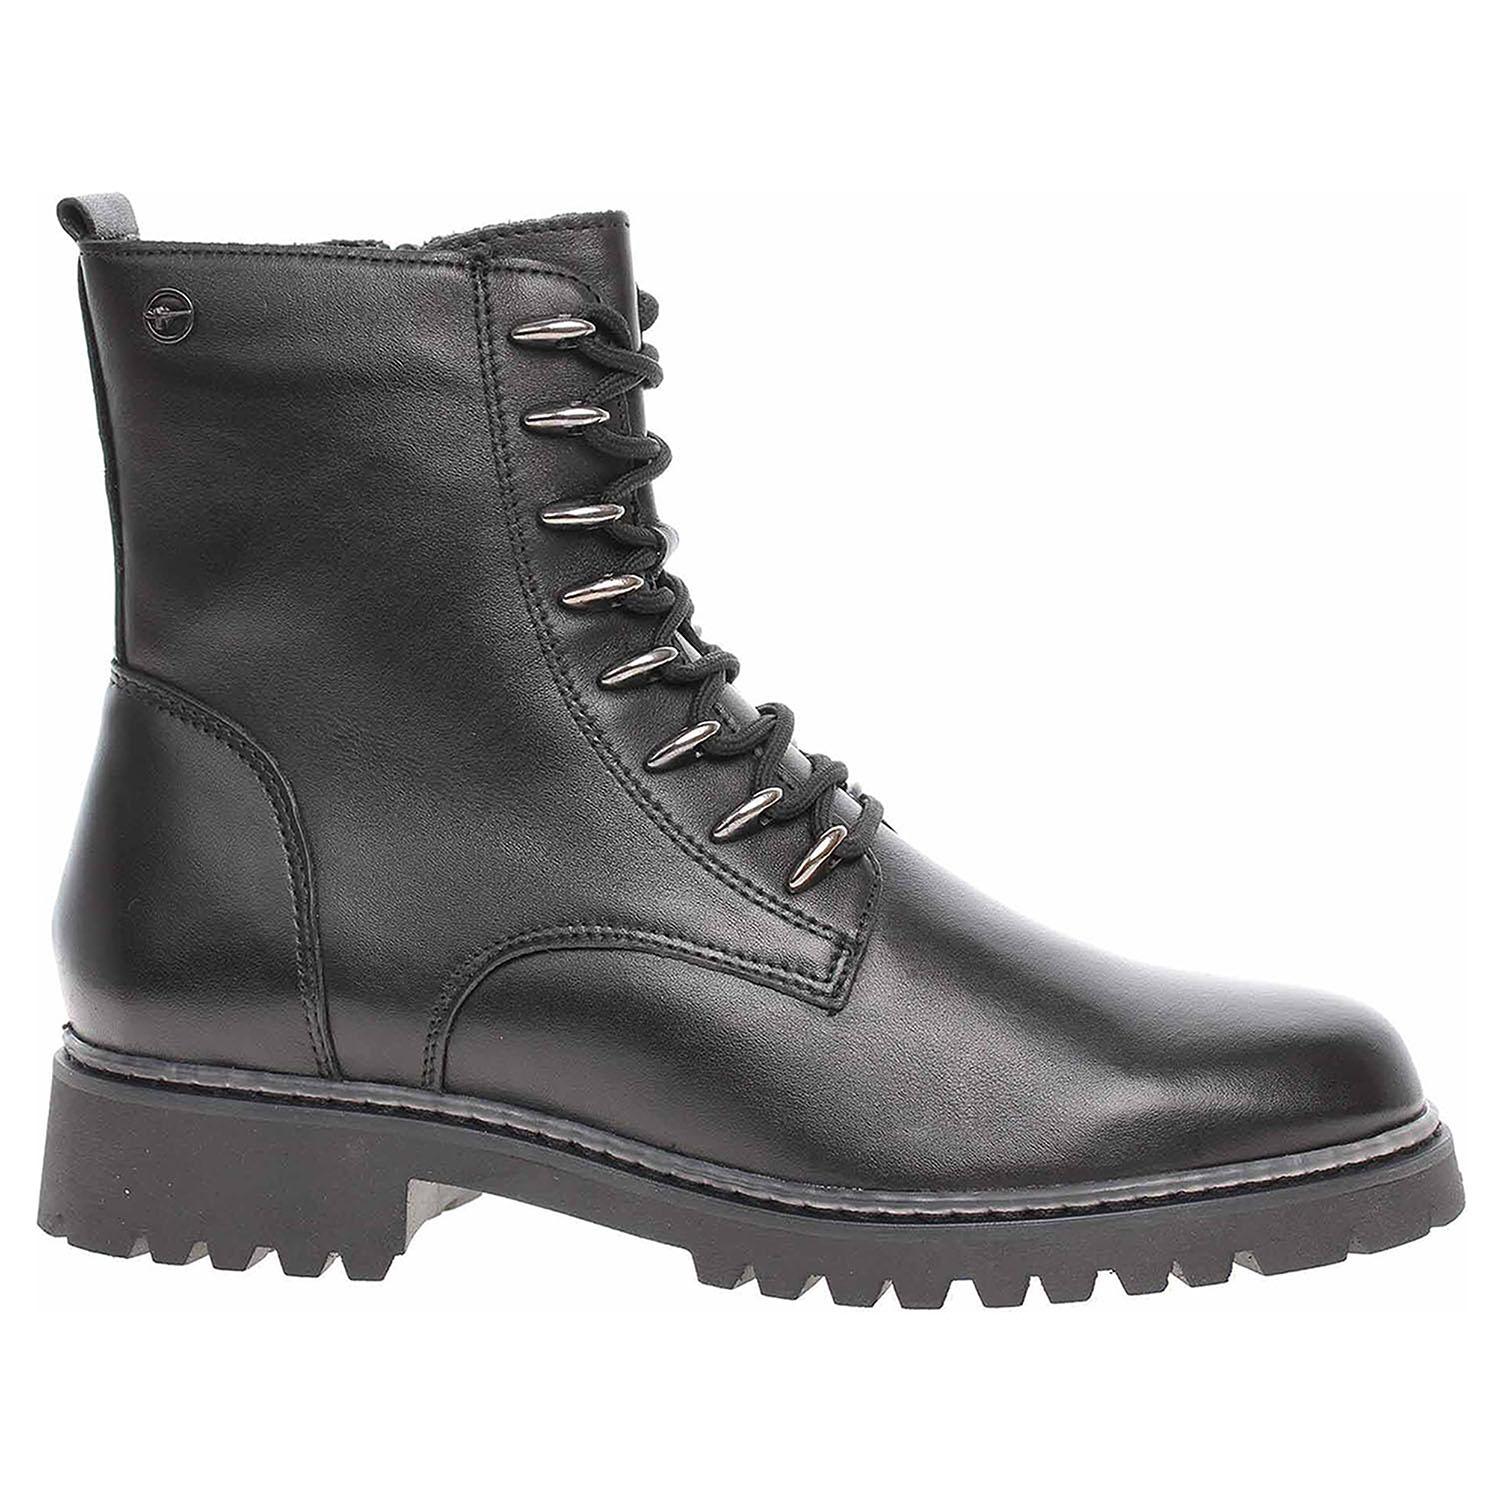 Tamaris dámská zimní obuv 1-25234-25 black 1-1-25234-25 001 36